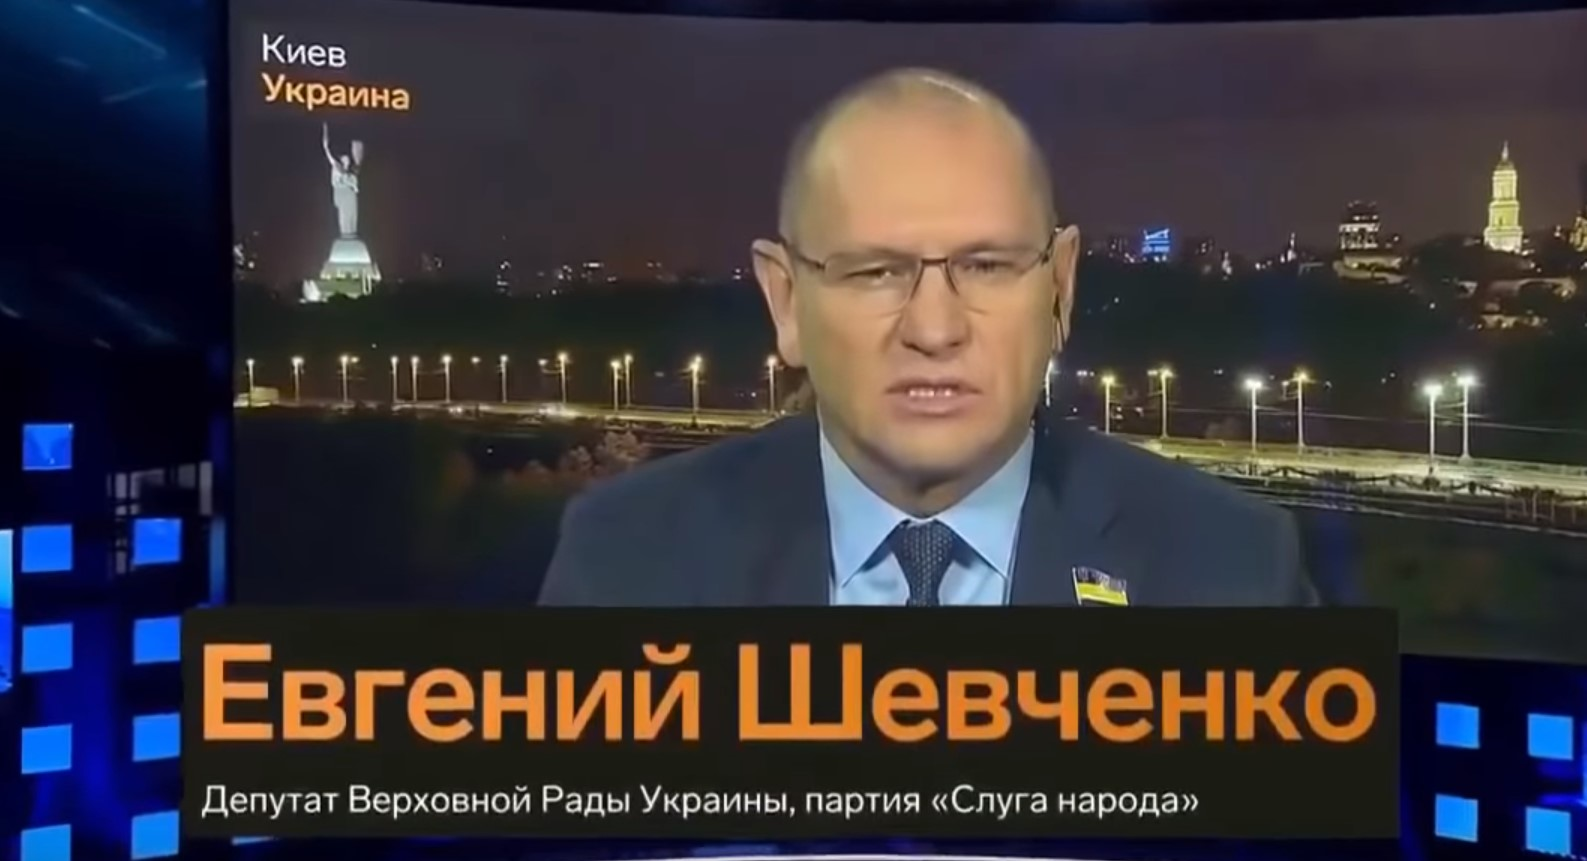 «Слуга народа», выступивший на российском ТВ, сравнил себя с Джордано Бруно